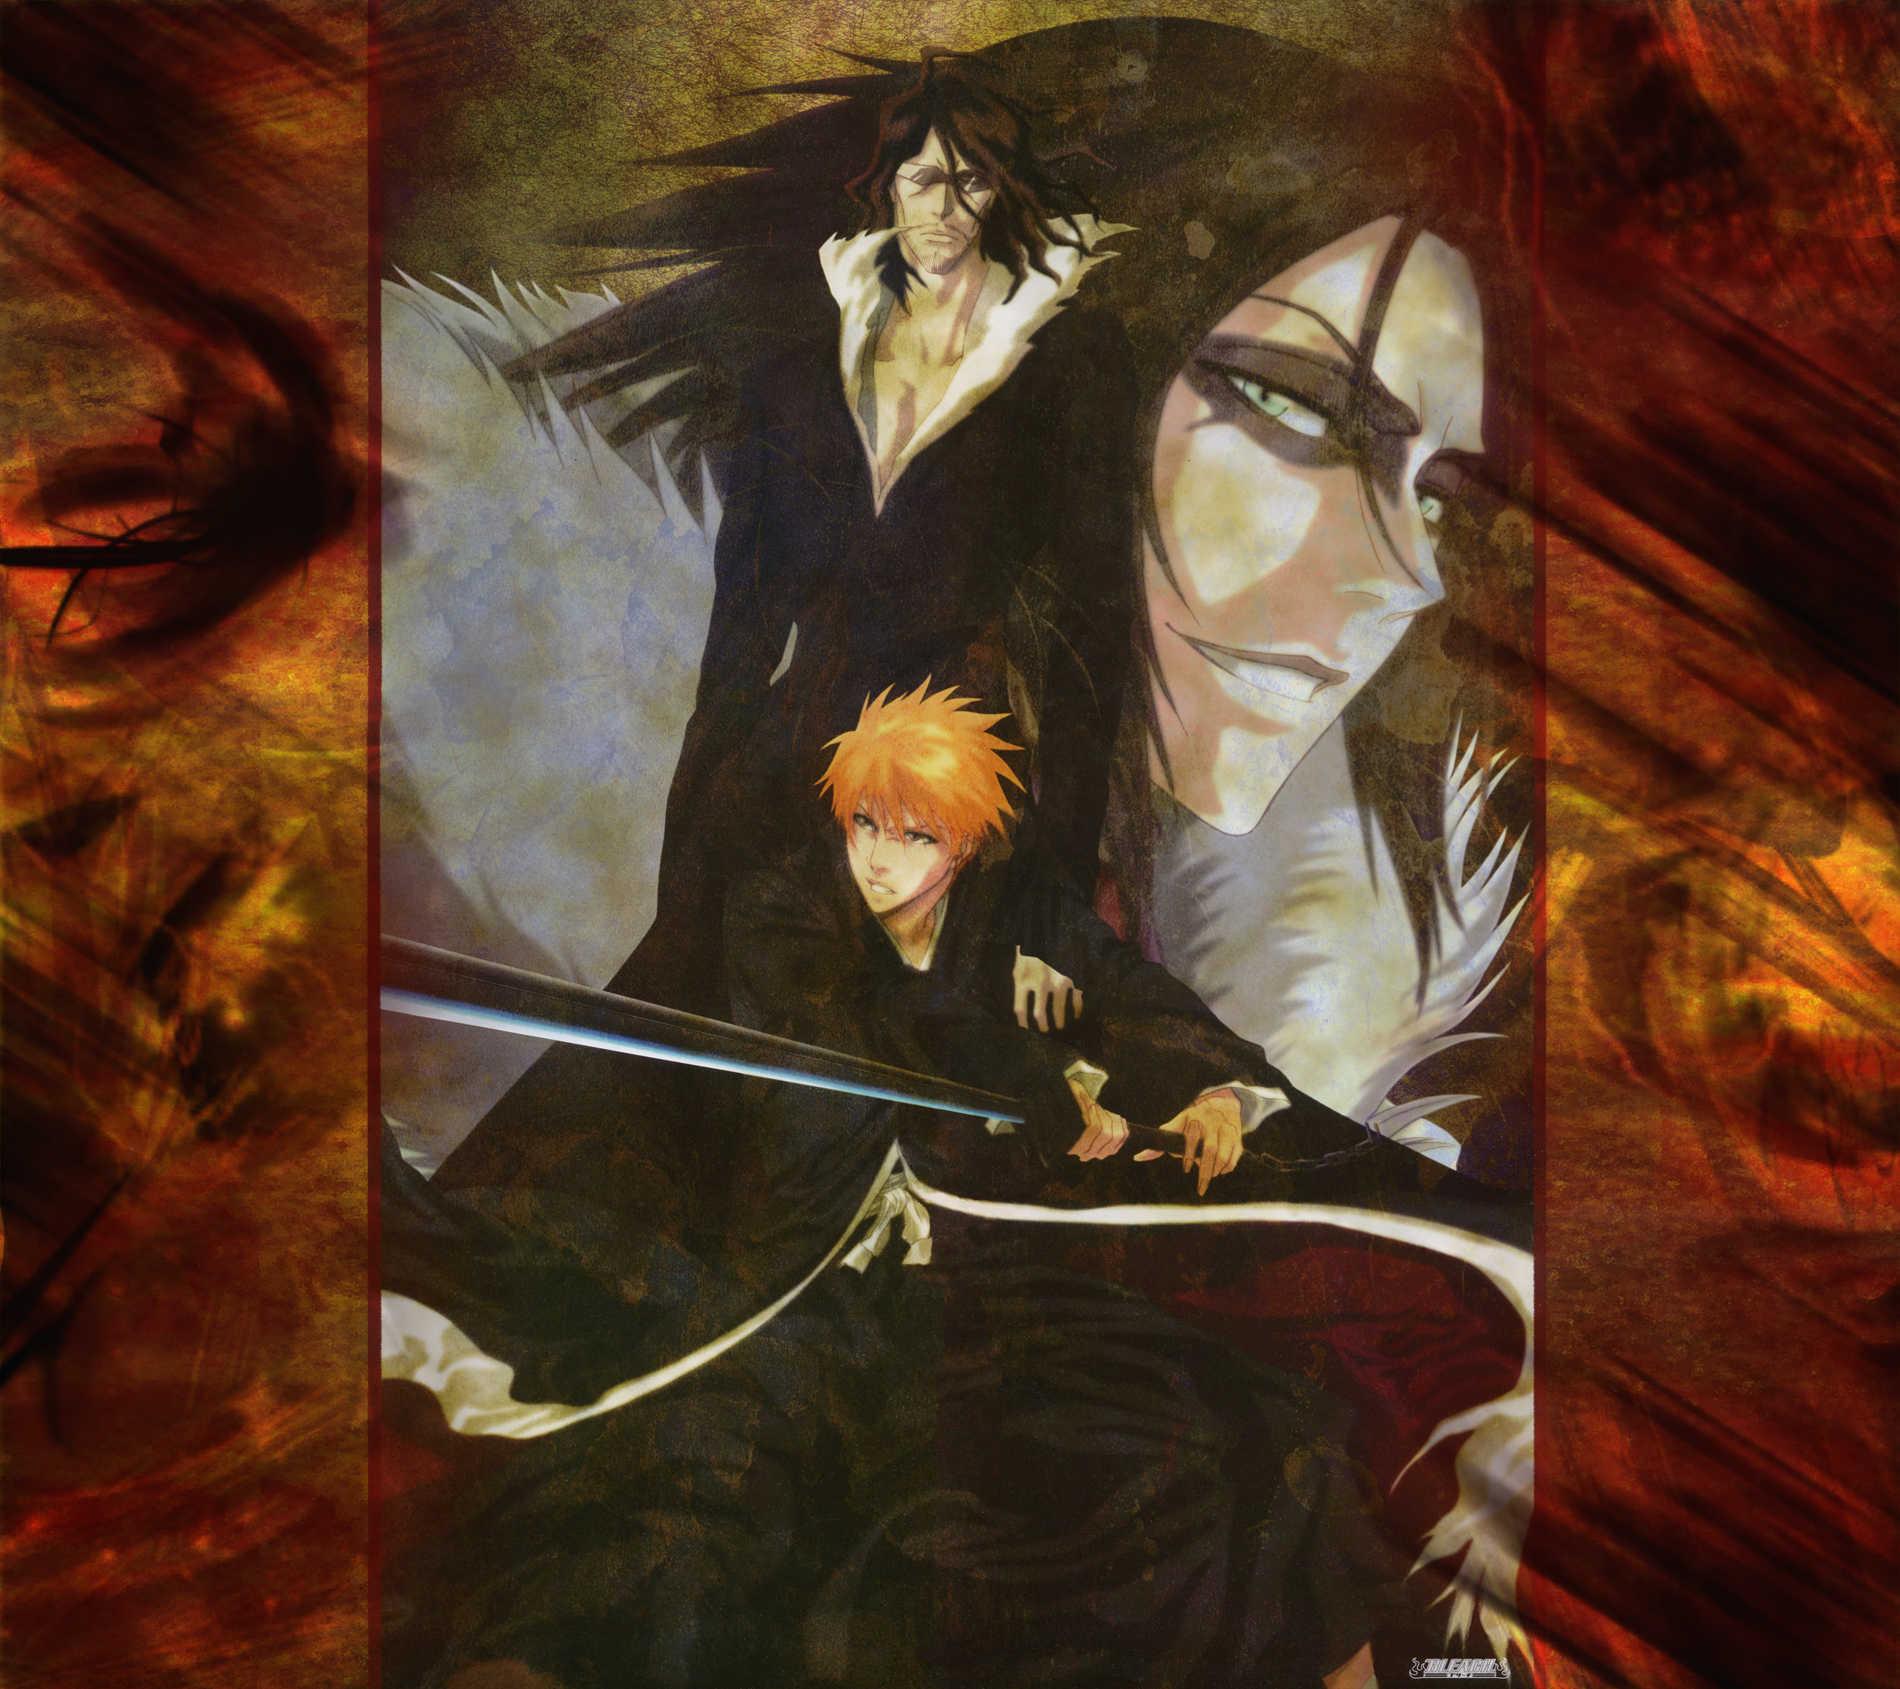 Bleach Anime Wallpaper Wallpaper